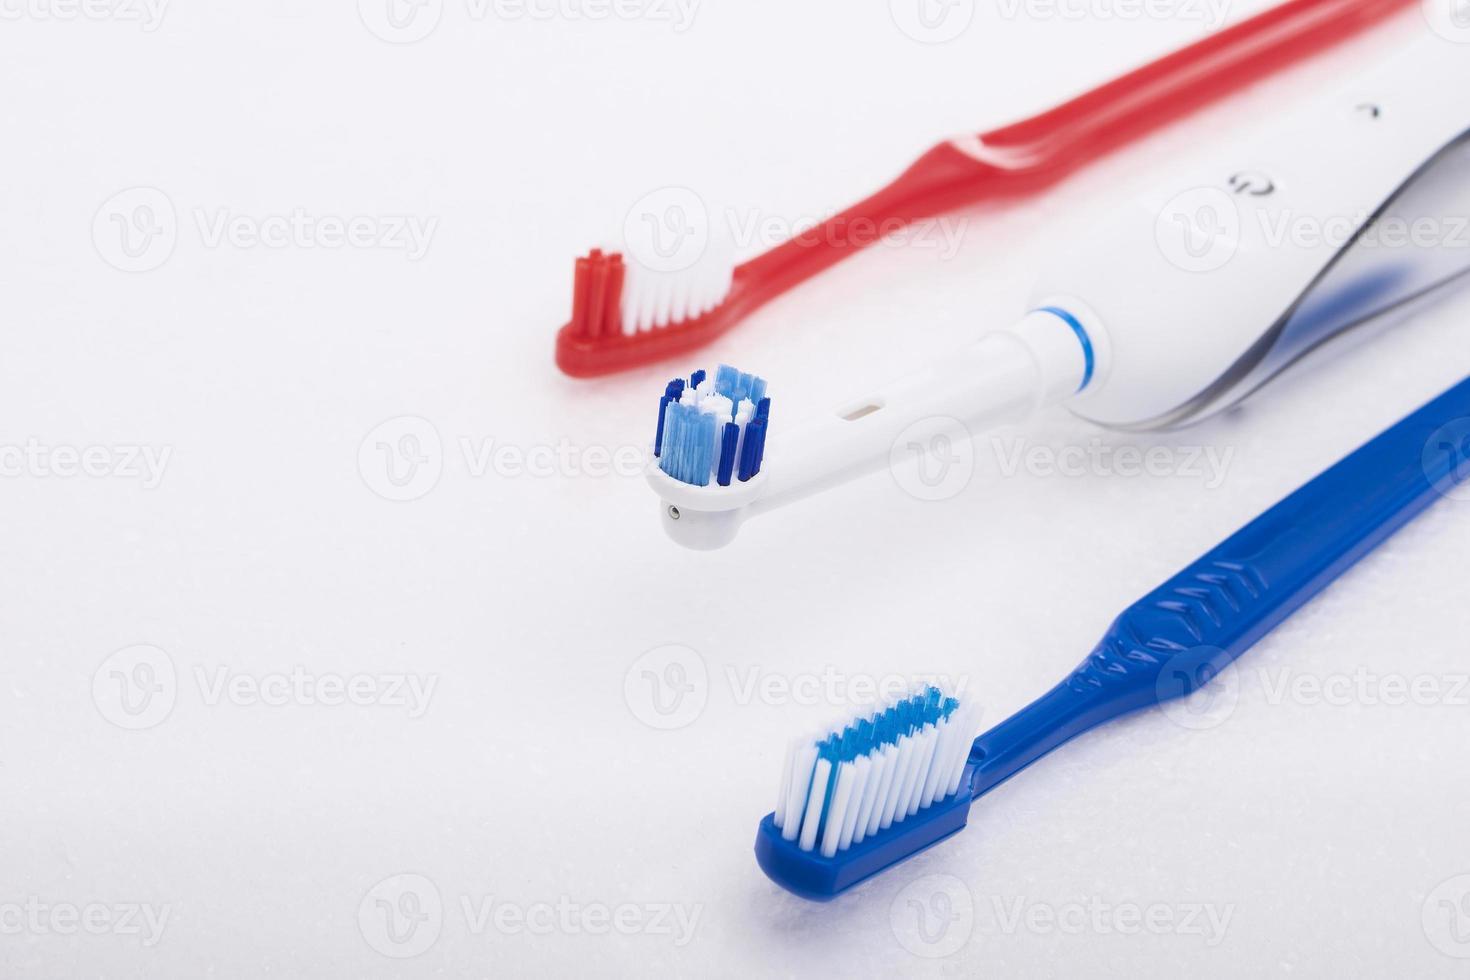 prodotti dentali per l'igiene orale su bianco foto